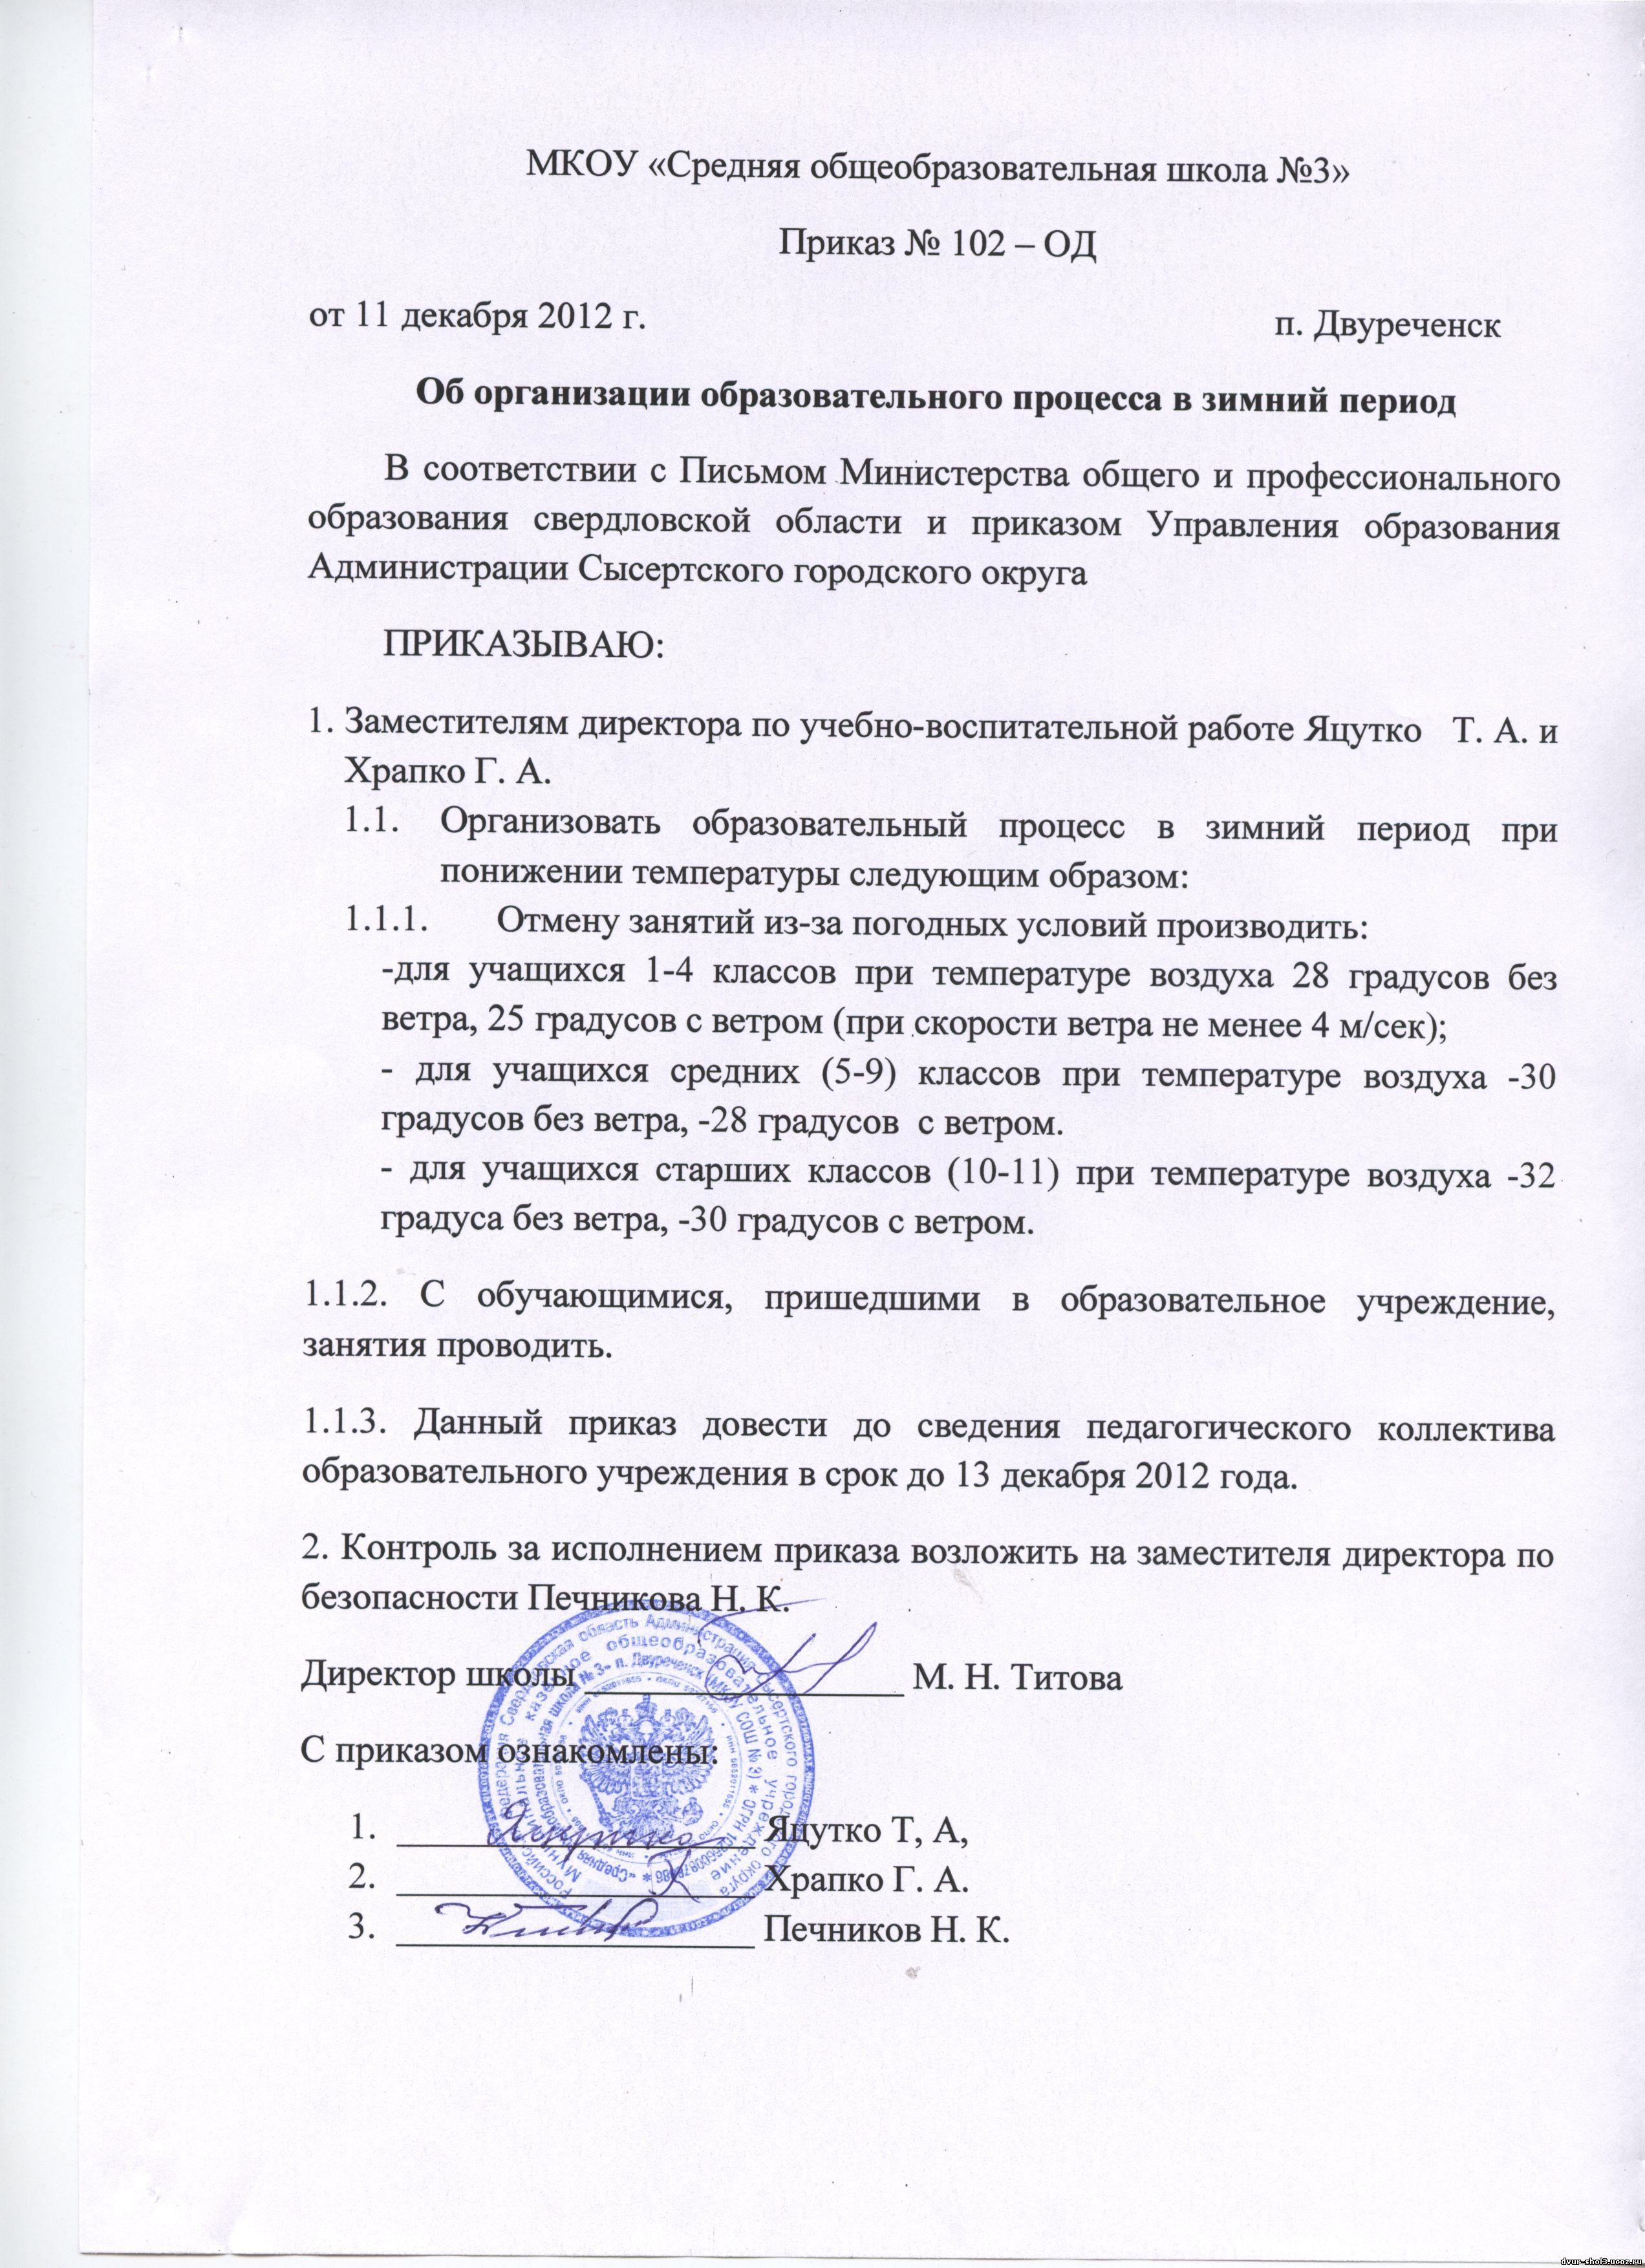 бланк заявления егэ апелляция 2012